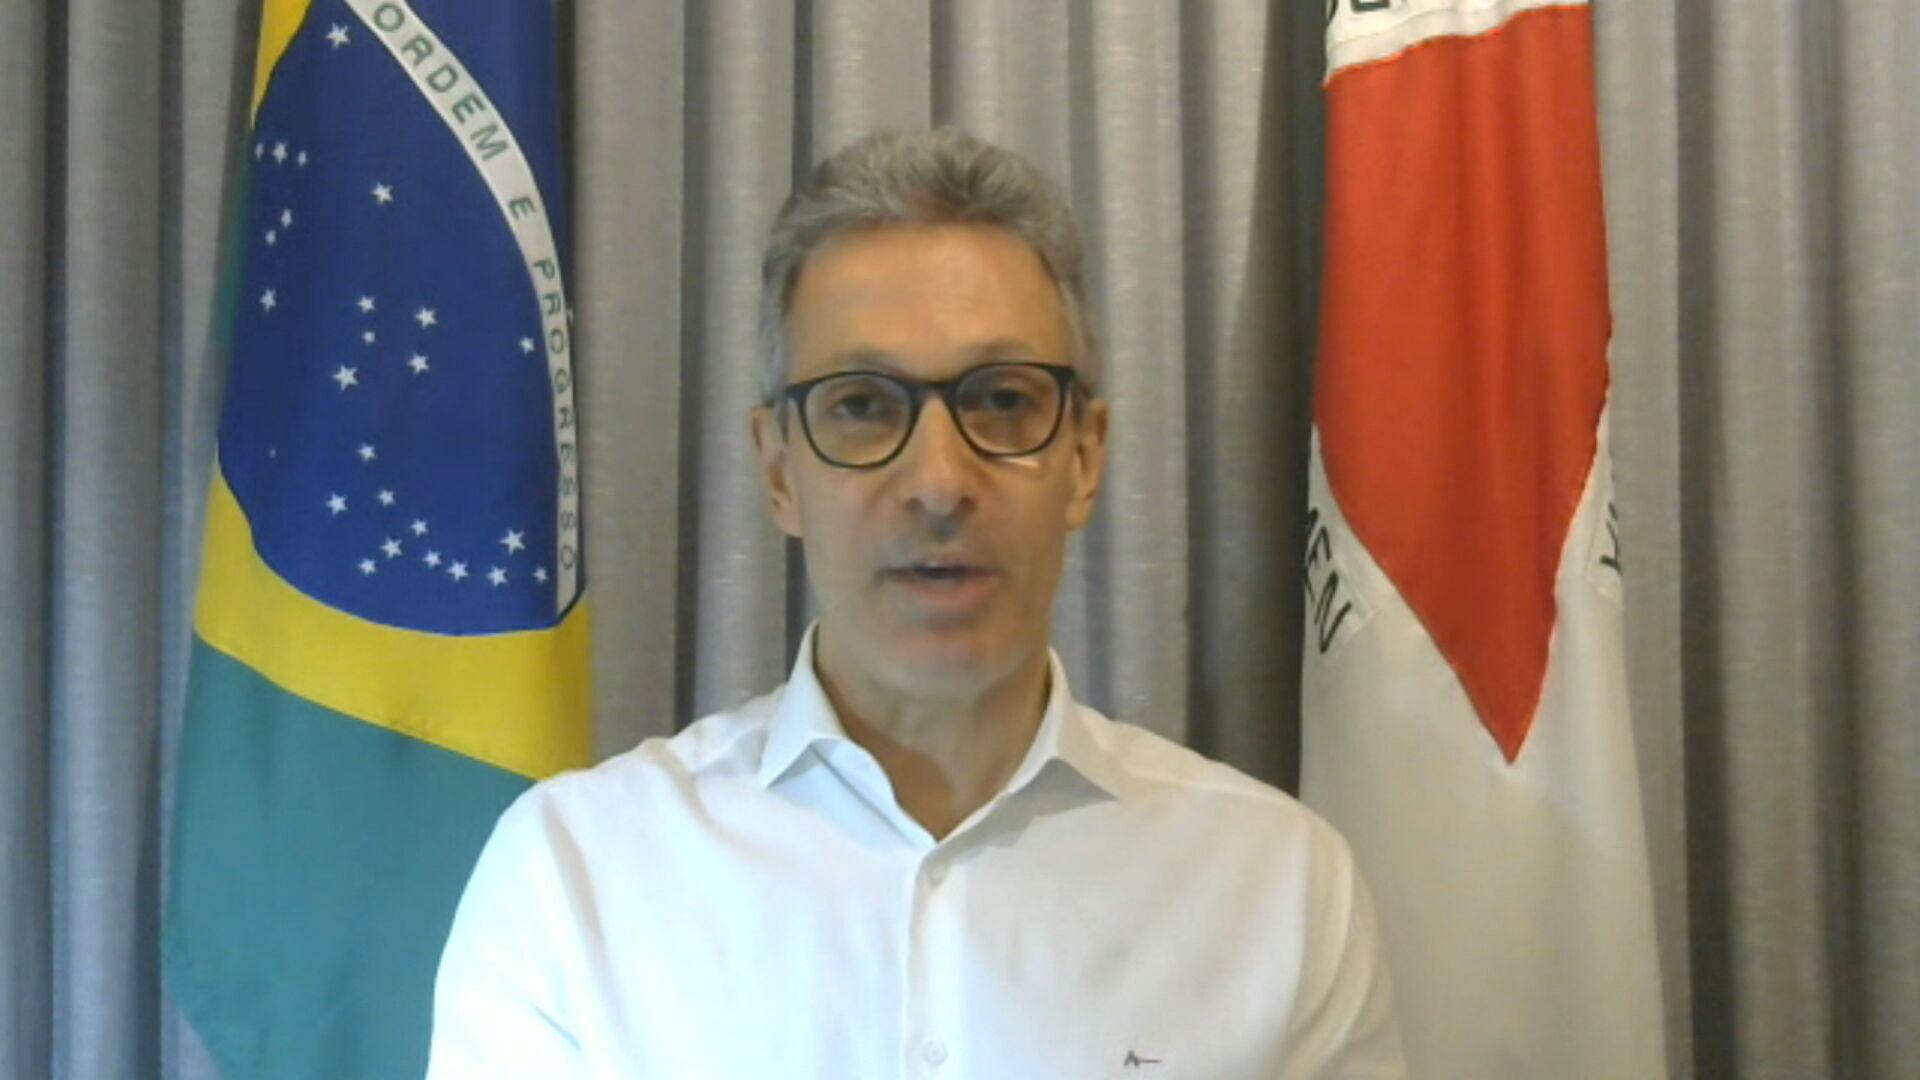 O governador de Minas Gerais, Romeu Zema (Novo) (08.dez.2020)